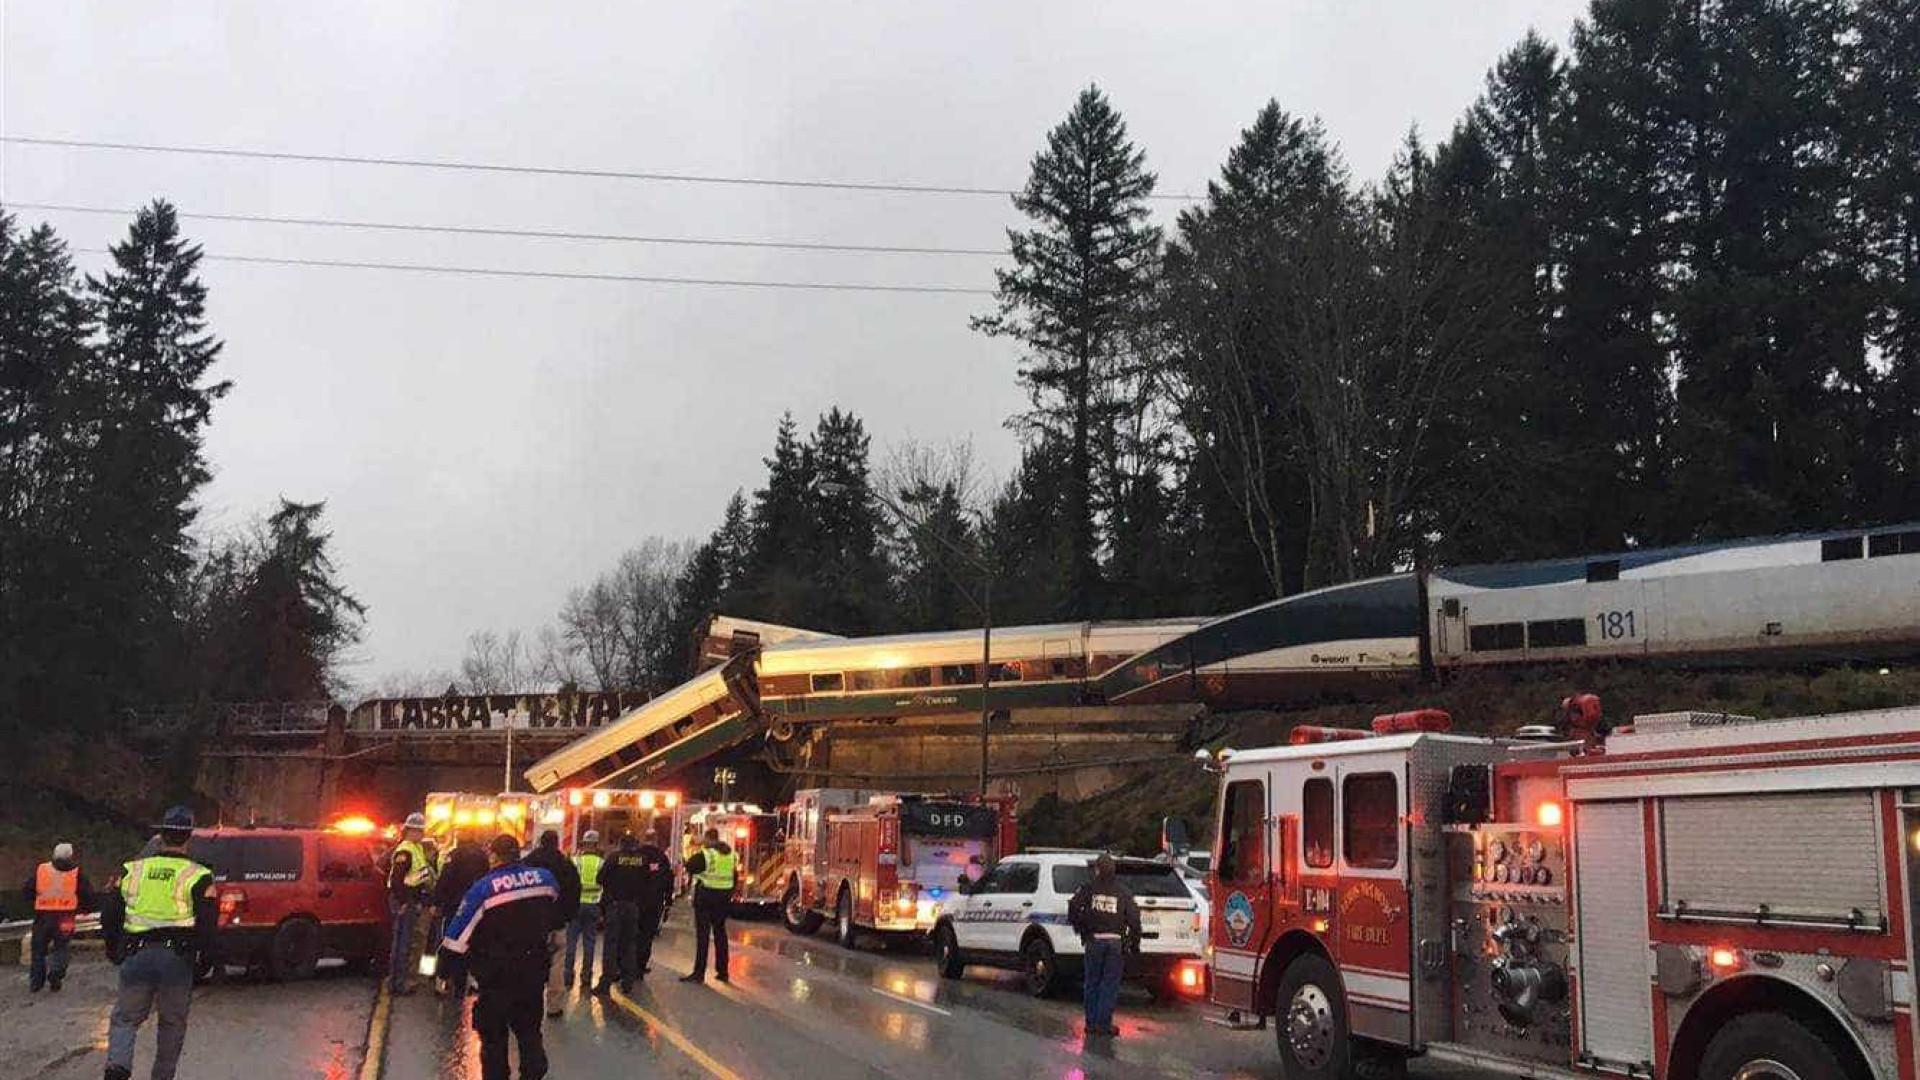 Trem descarrila em viaduto nos EUA e deixa 6 mortos e feridos